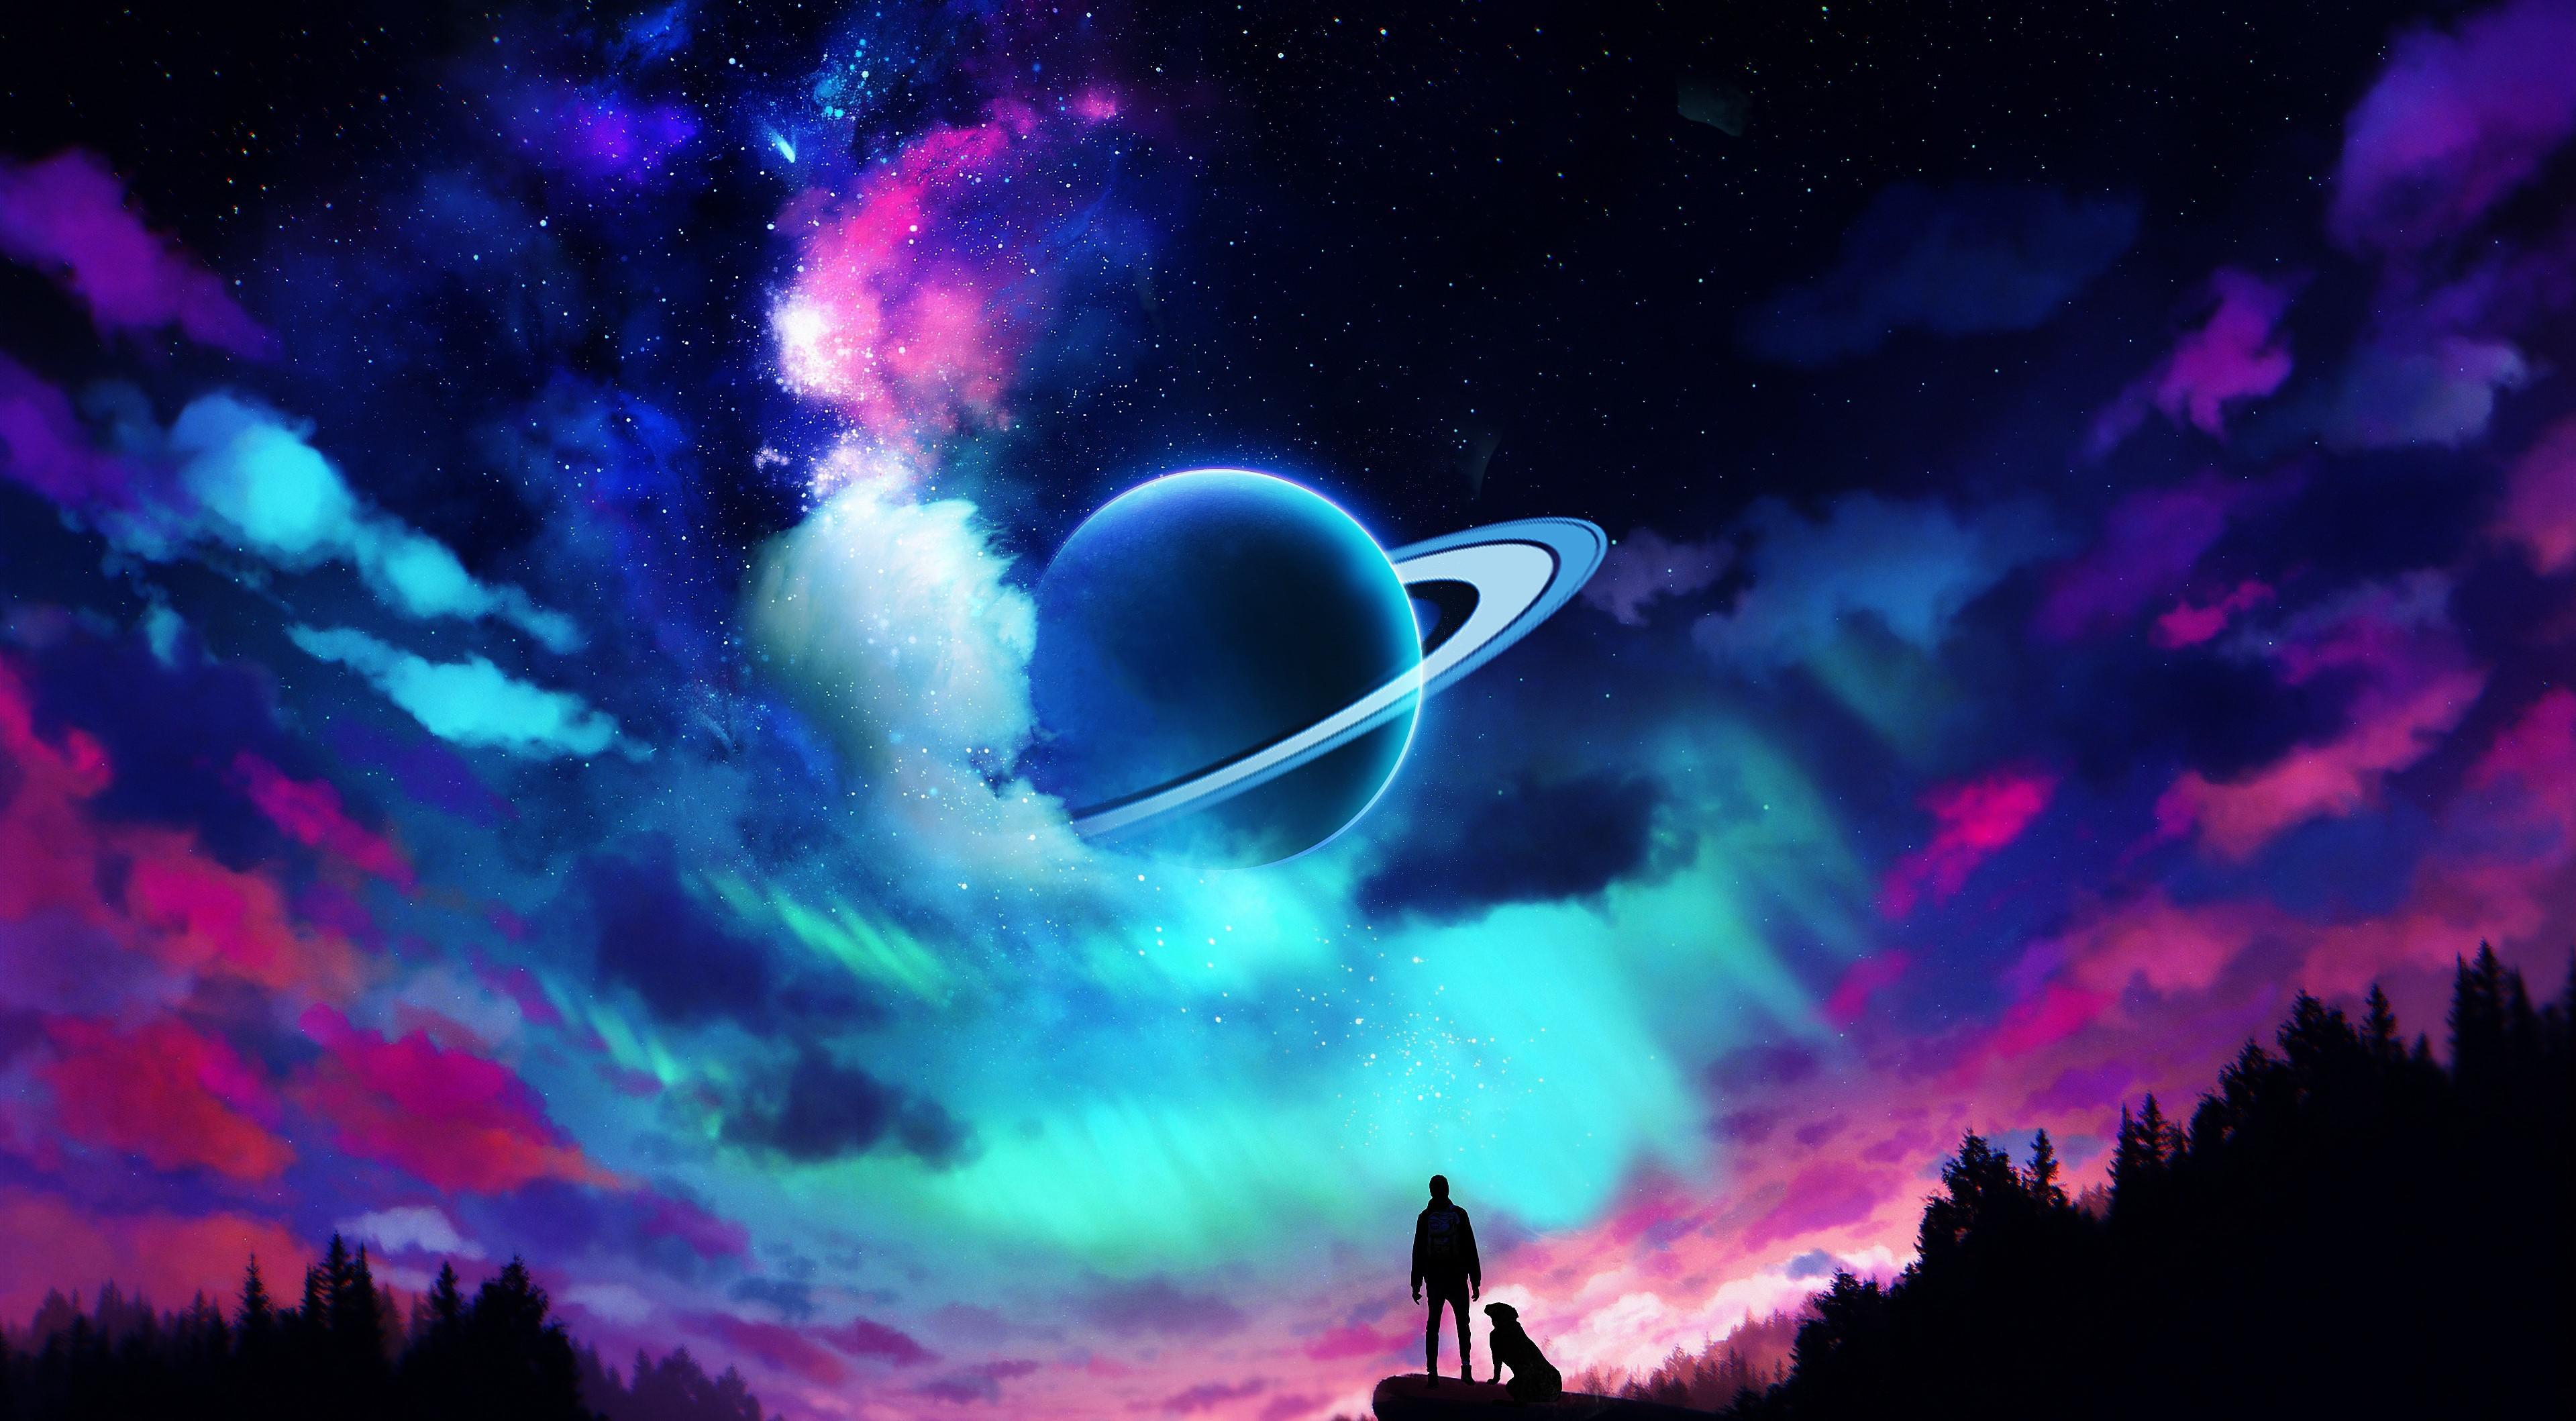 Fondos de pantalla La aurora y planeta en el cielo